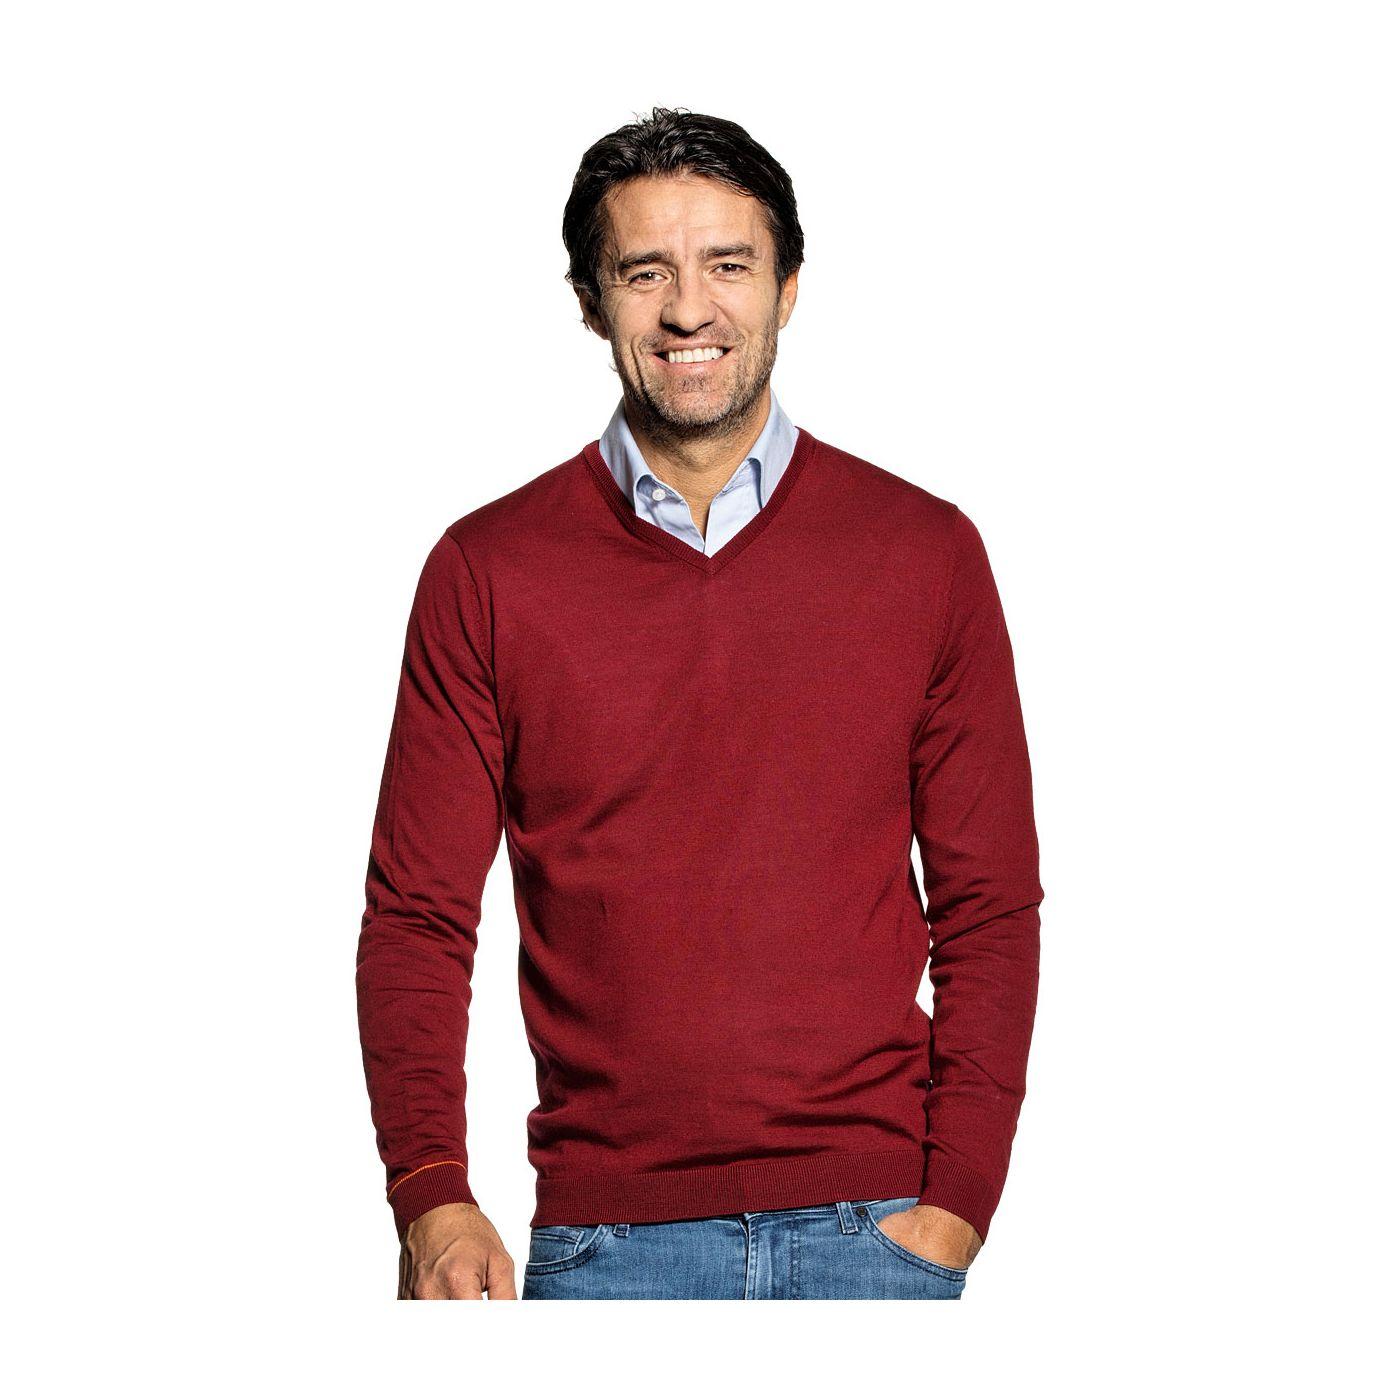 Pullover mit V-Ausschnitt für Herren aus Merinowolle in Rot